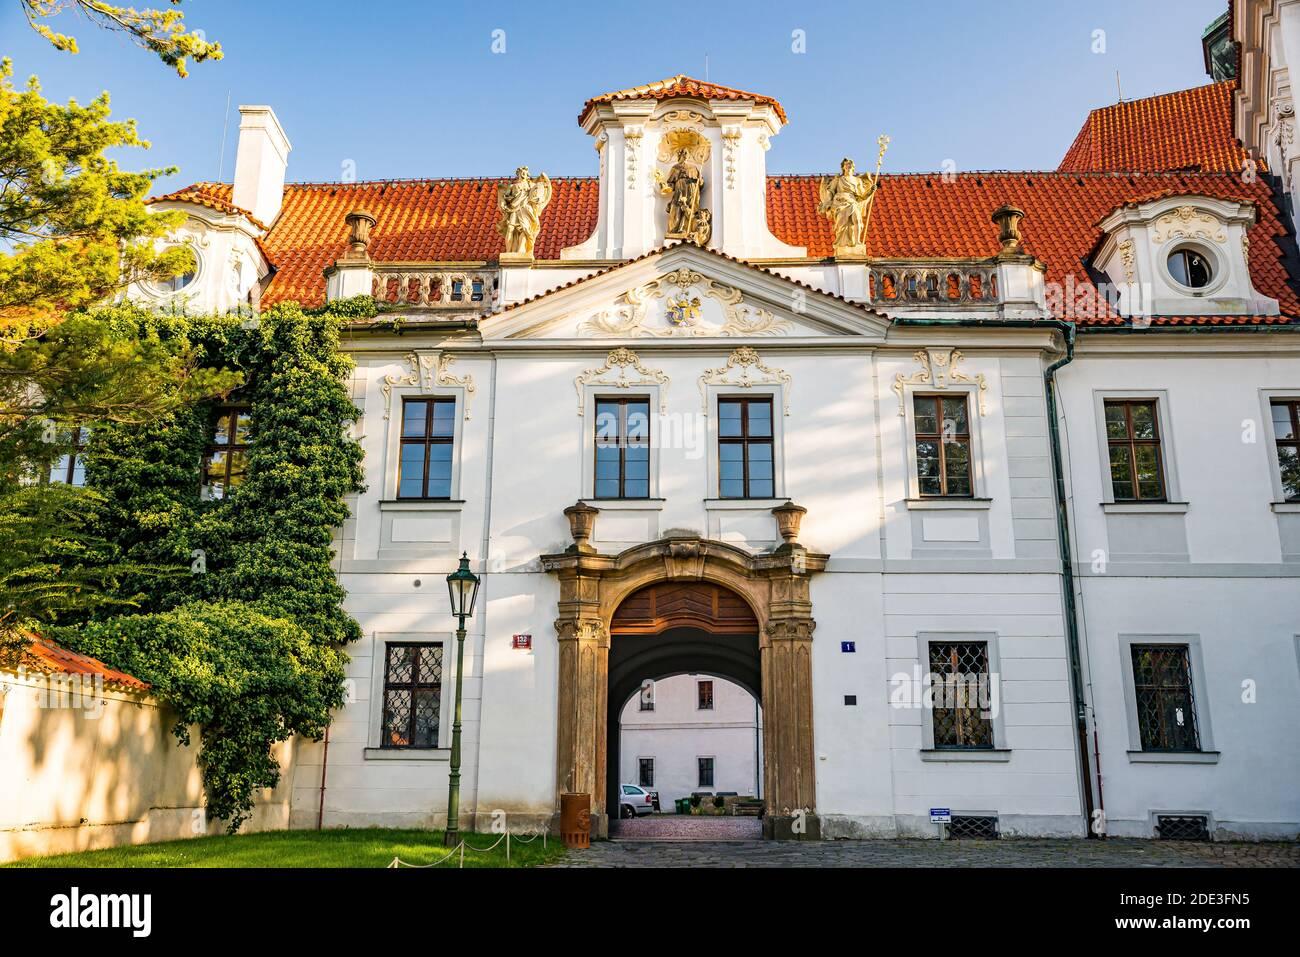 Praga, república Checa - 19 de septiembre de 2020. Zona del Monasterio de Brevnov sin turistas durante la crisis covid-19 Foto de stock